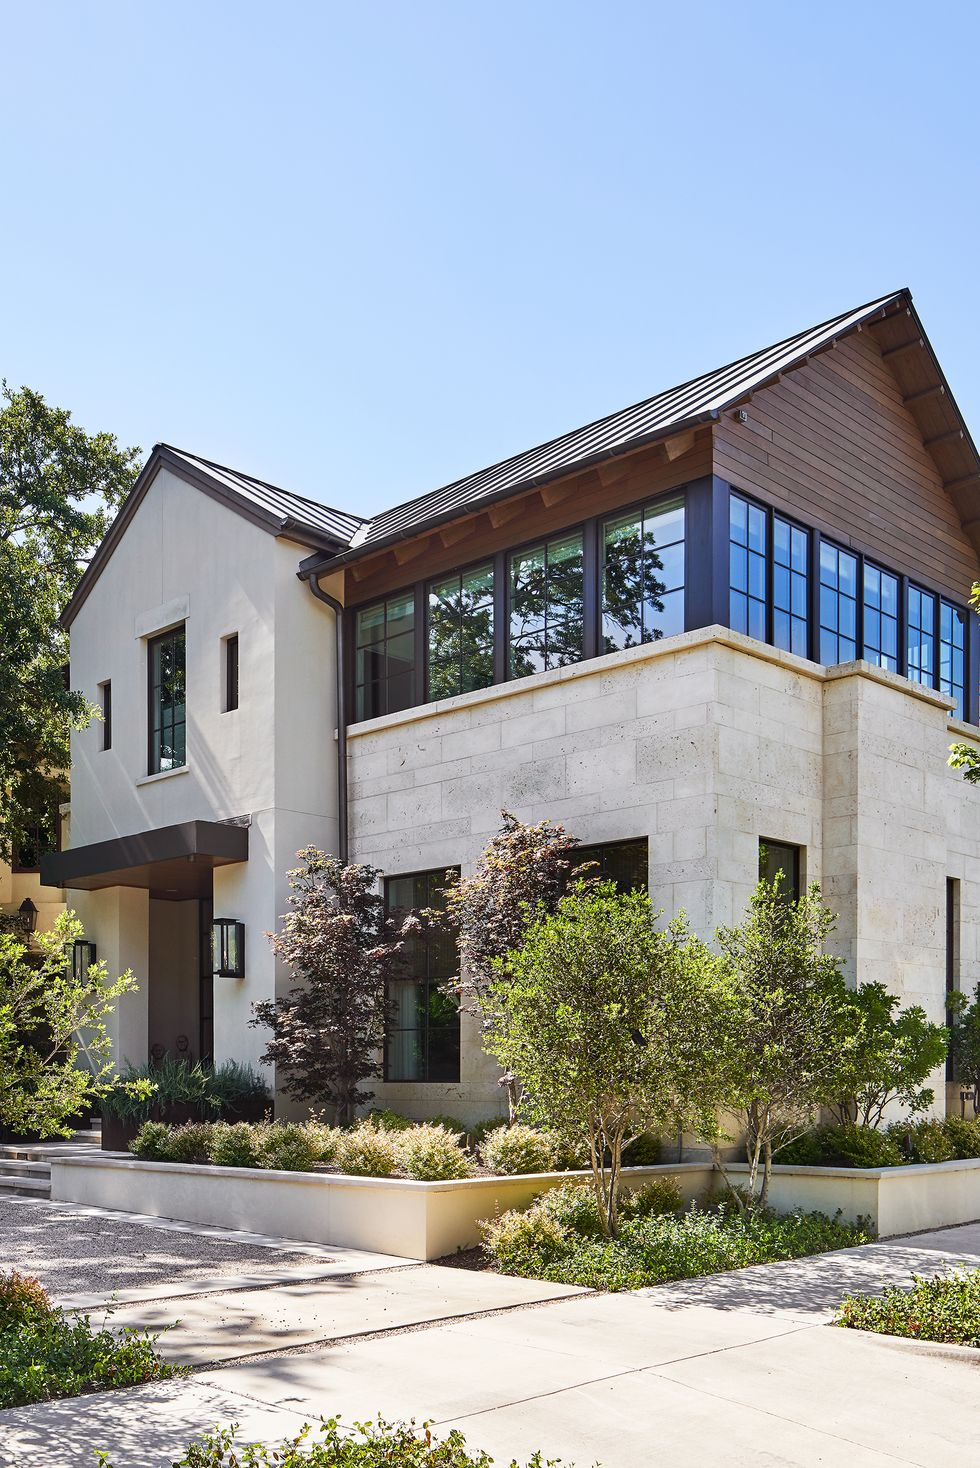 Giữ nó đơn giản Ngôi nhà ở Texas do Jean Liu thiết kế này tạo nên sự cân bằng giữa vẻ đẹp tự nhiên và tính thiết thực, hoàn hảo cho môi trường đô thị. Chìa khóa: Những tấm lát nền bổ sung cho vật liệu bên ngoài của ngôi nhà bằng một vài cây xanh và luống trồng. Sau đó, có một phần nhô ra mỏng để thêm ánh sáng tạo ấn tượng trang trí hơn cho hiên trước.